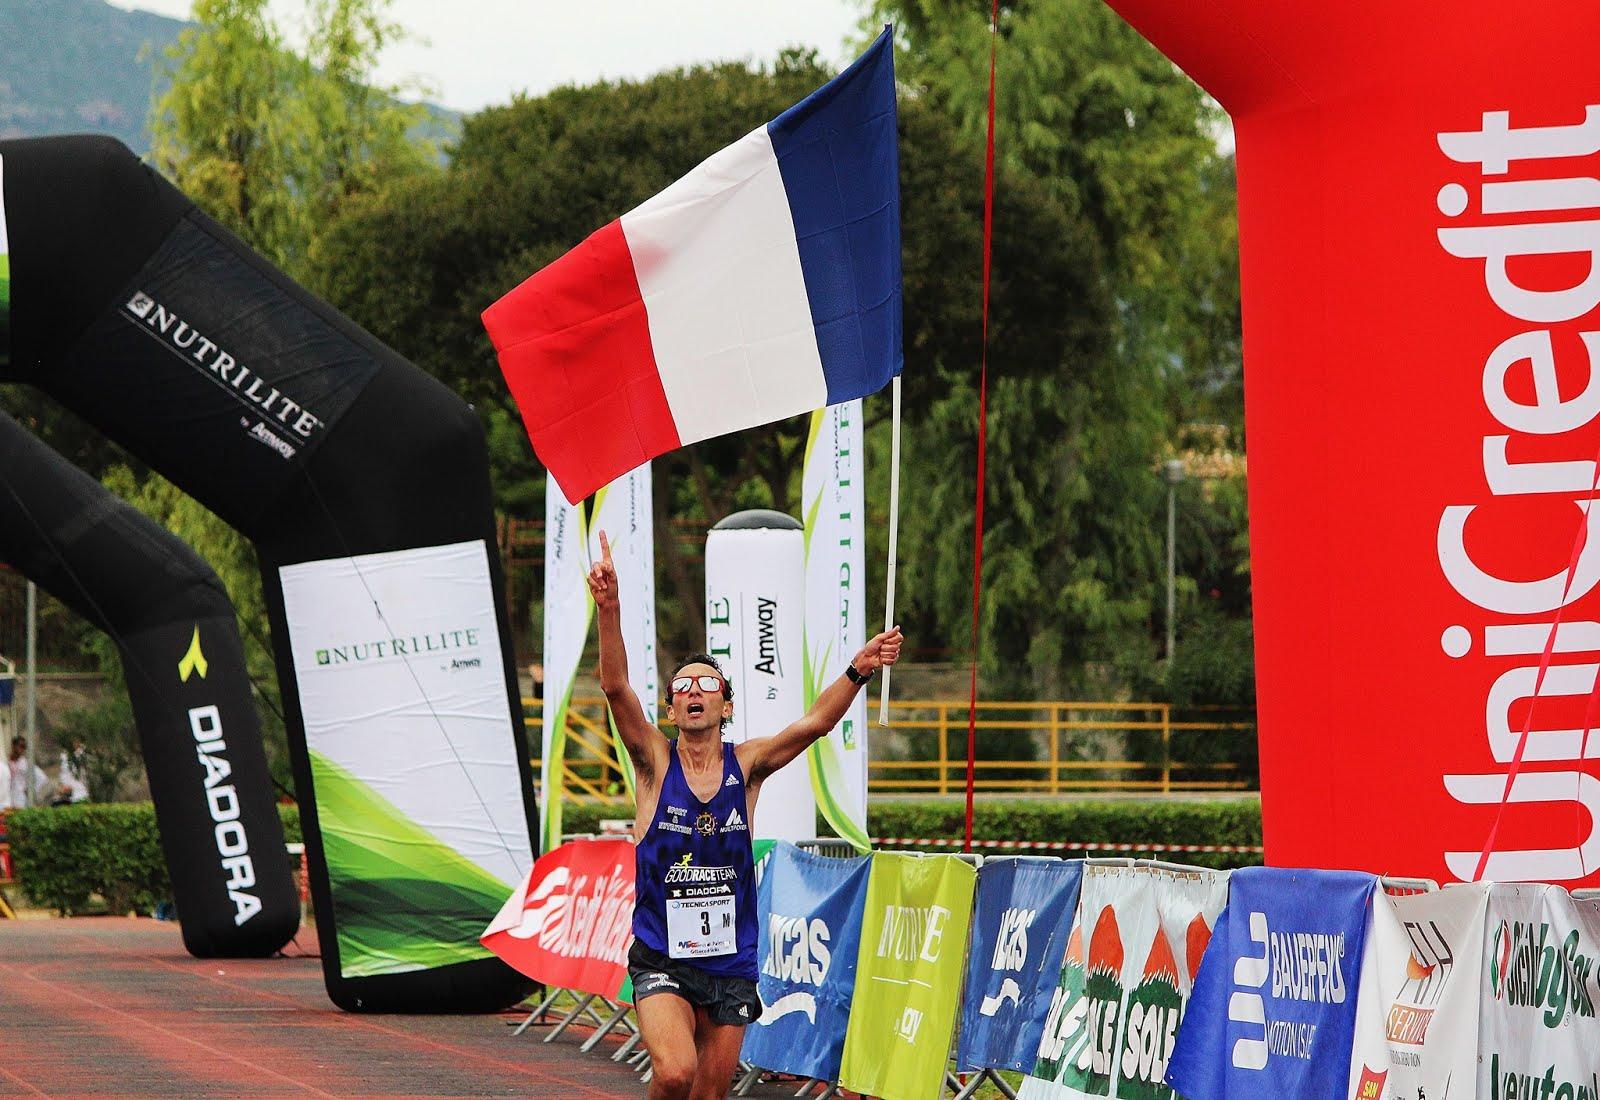 Maratona di Palermo - 15-11-15 - L'arrivo! (Foto Adriana P.)